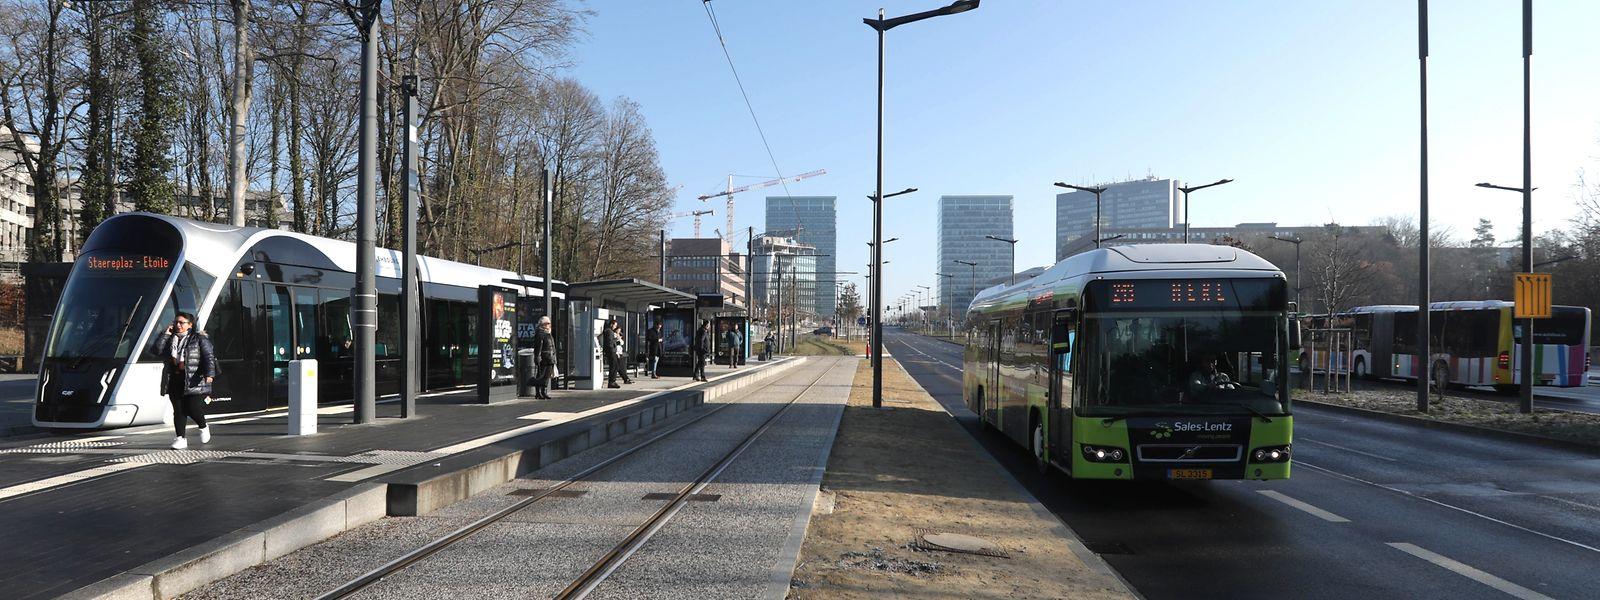 Ein Ticket muss in Bus, Bahn und Tram bald niemand mehr vorzeigen. Nur für die erste Klasse im Zug sowie für grenzüberschreitende Verbindungen brauchen Passagiere weiterhin ein Abonnement.